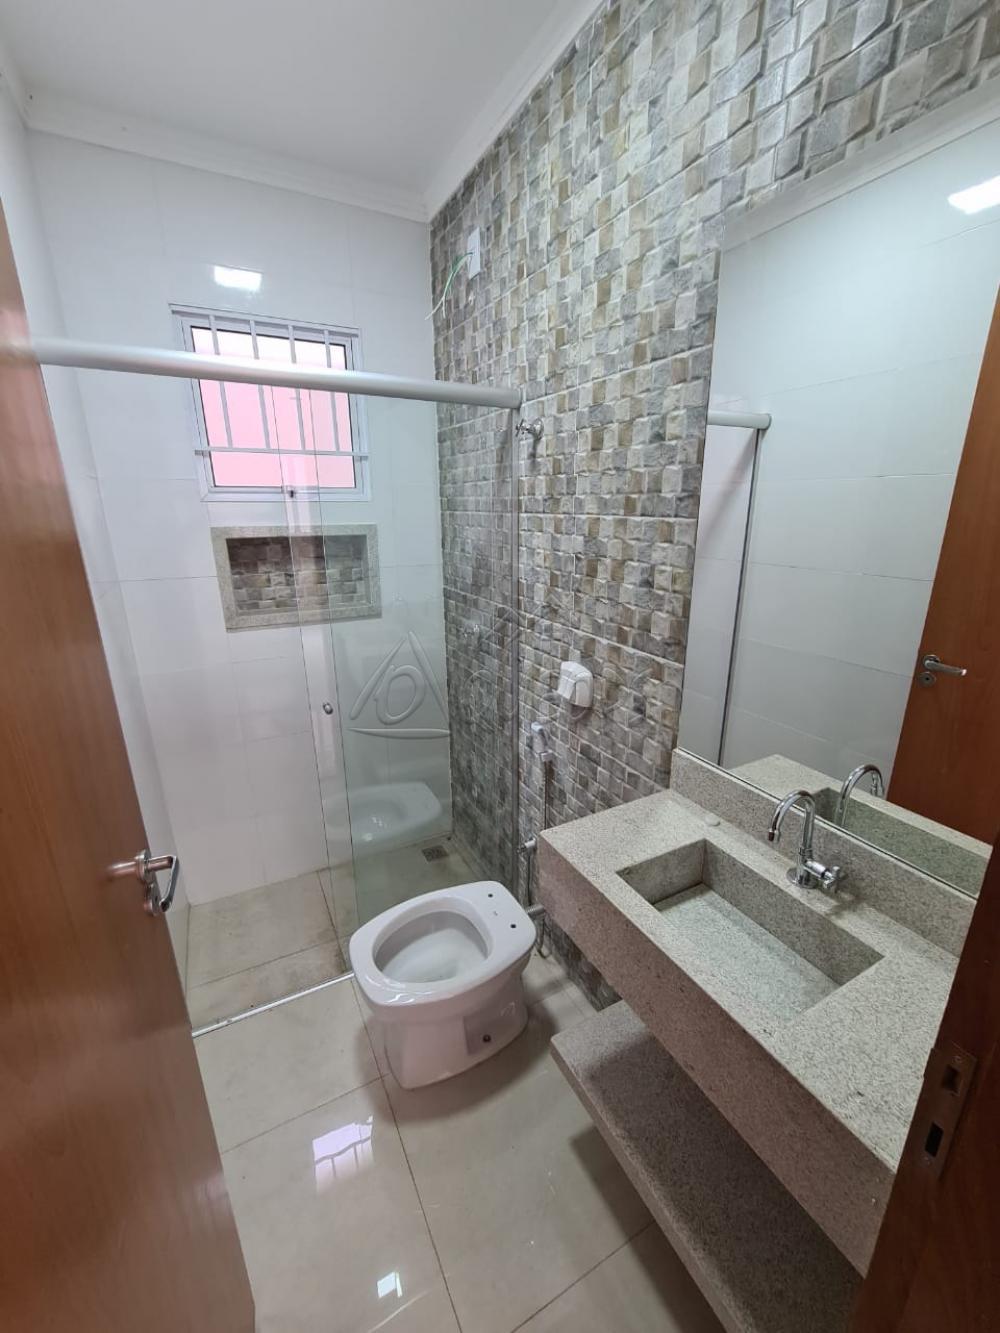 Comprar Apartamento / Padrão em Barretos apenas R$ 210.000,00 - Foto 10